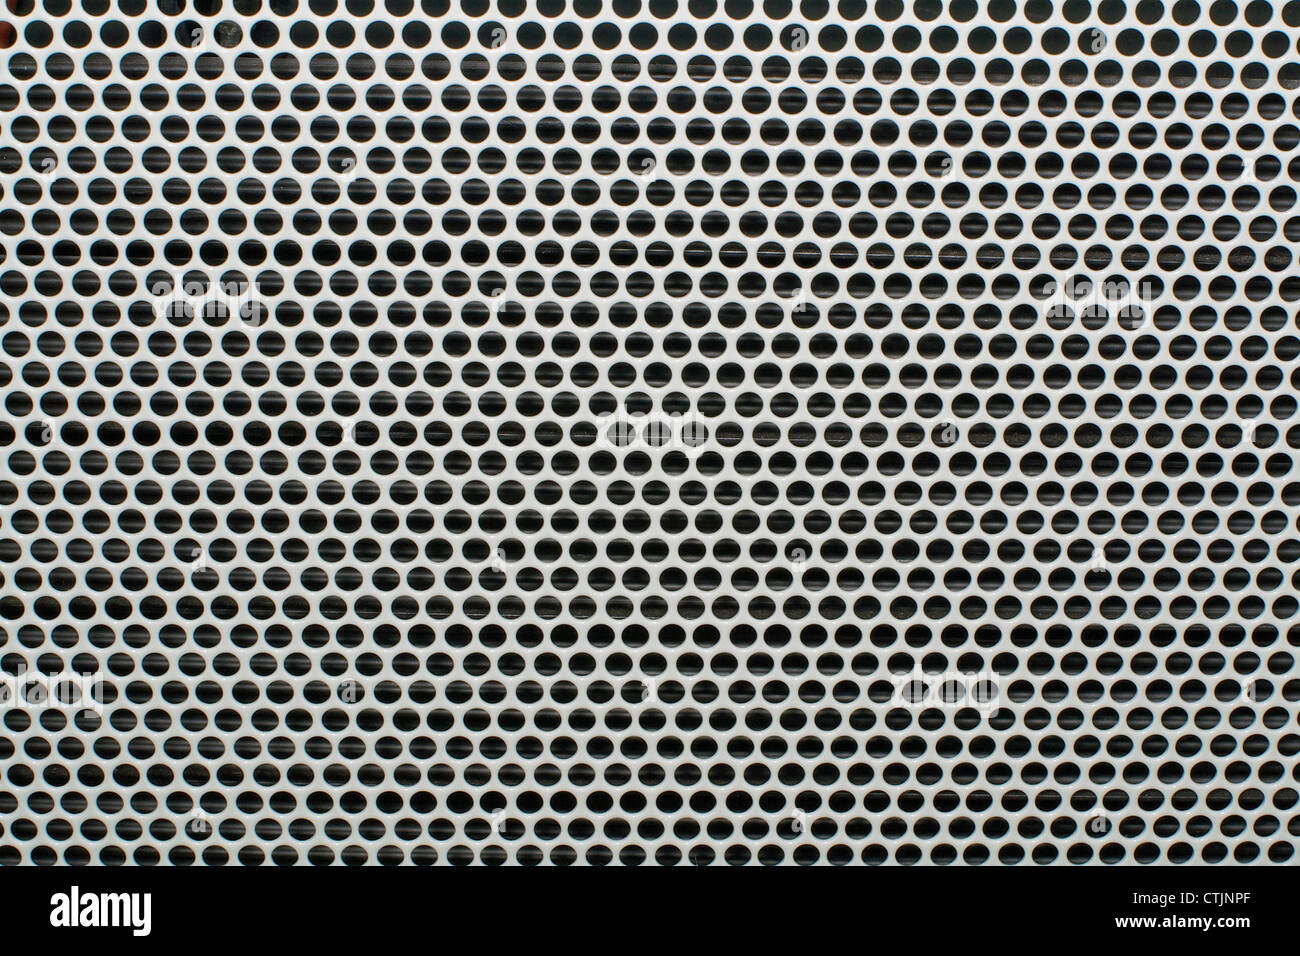 Nahaufnahme eines Metalls graue strukturierte Gitter Stockbild